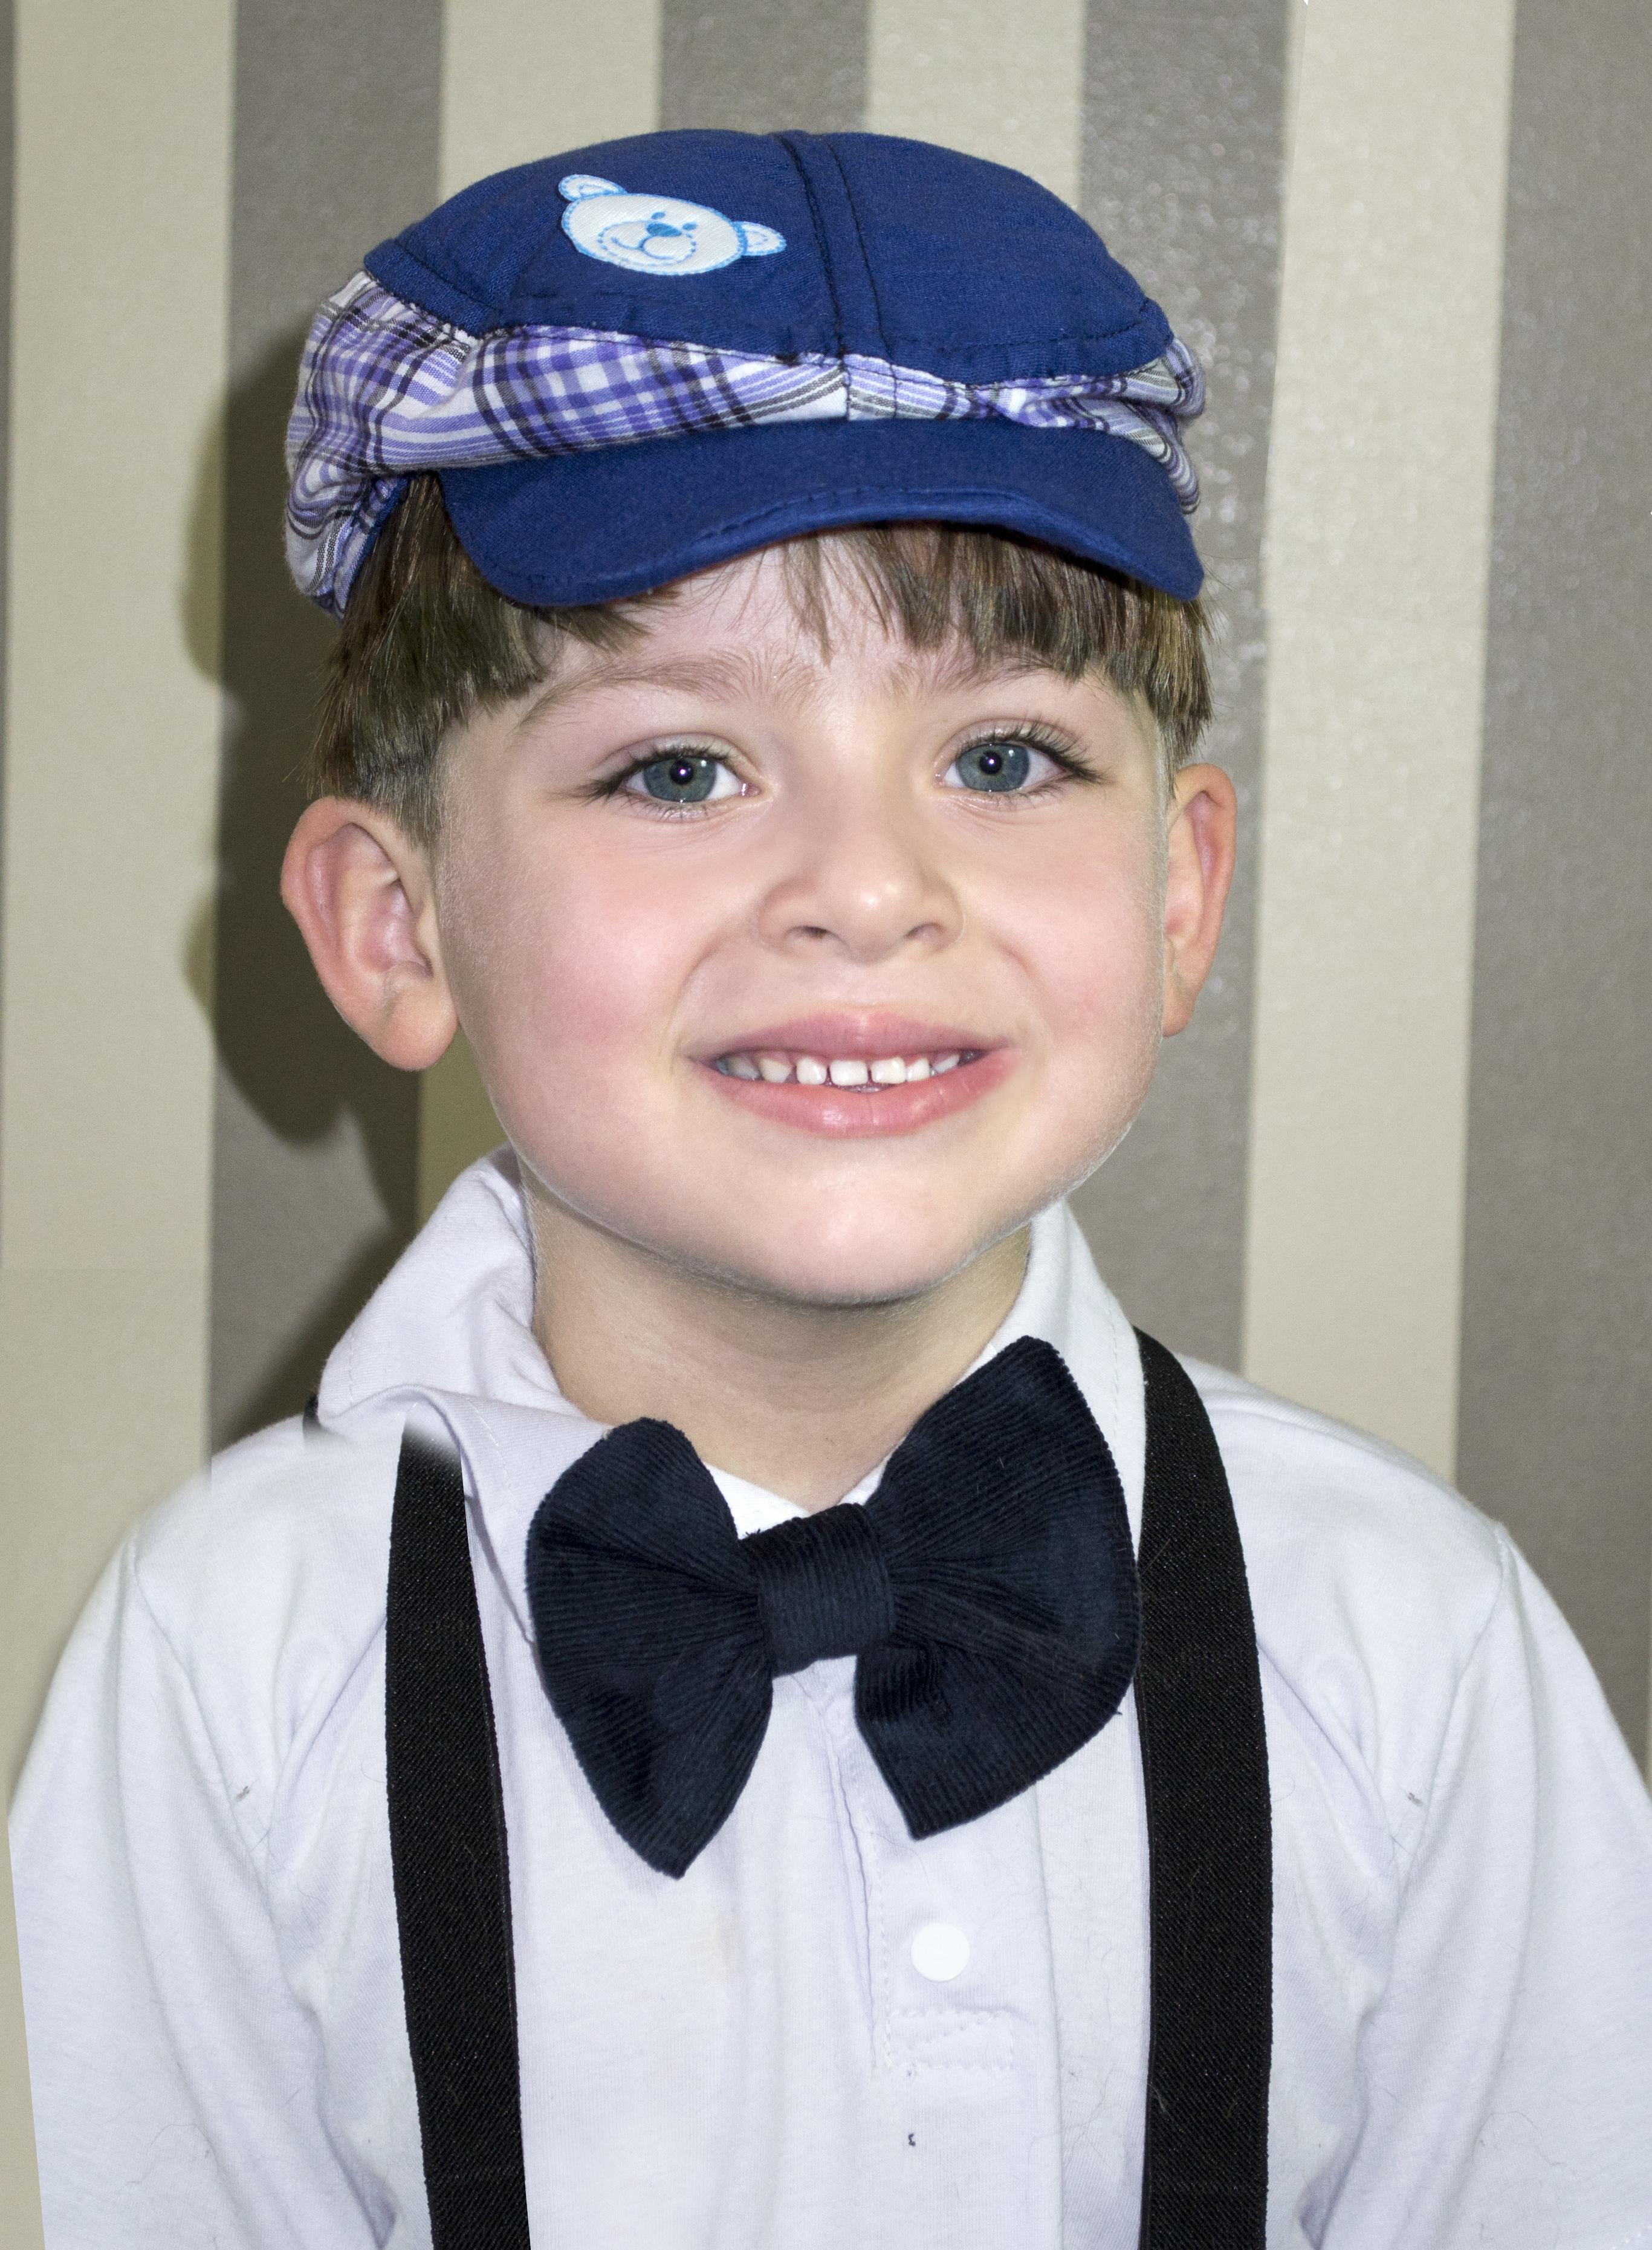 Boina Infantil Azul com Xadrez Bordada no Elo7  1a79005e724